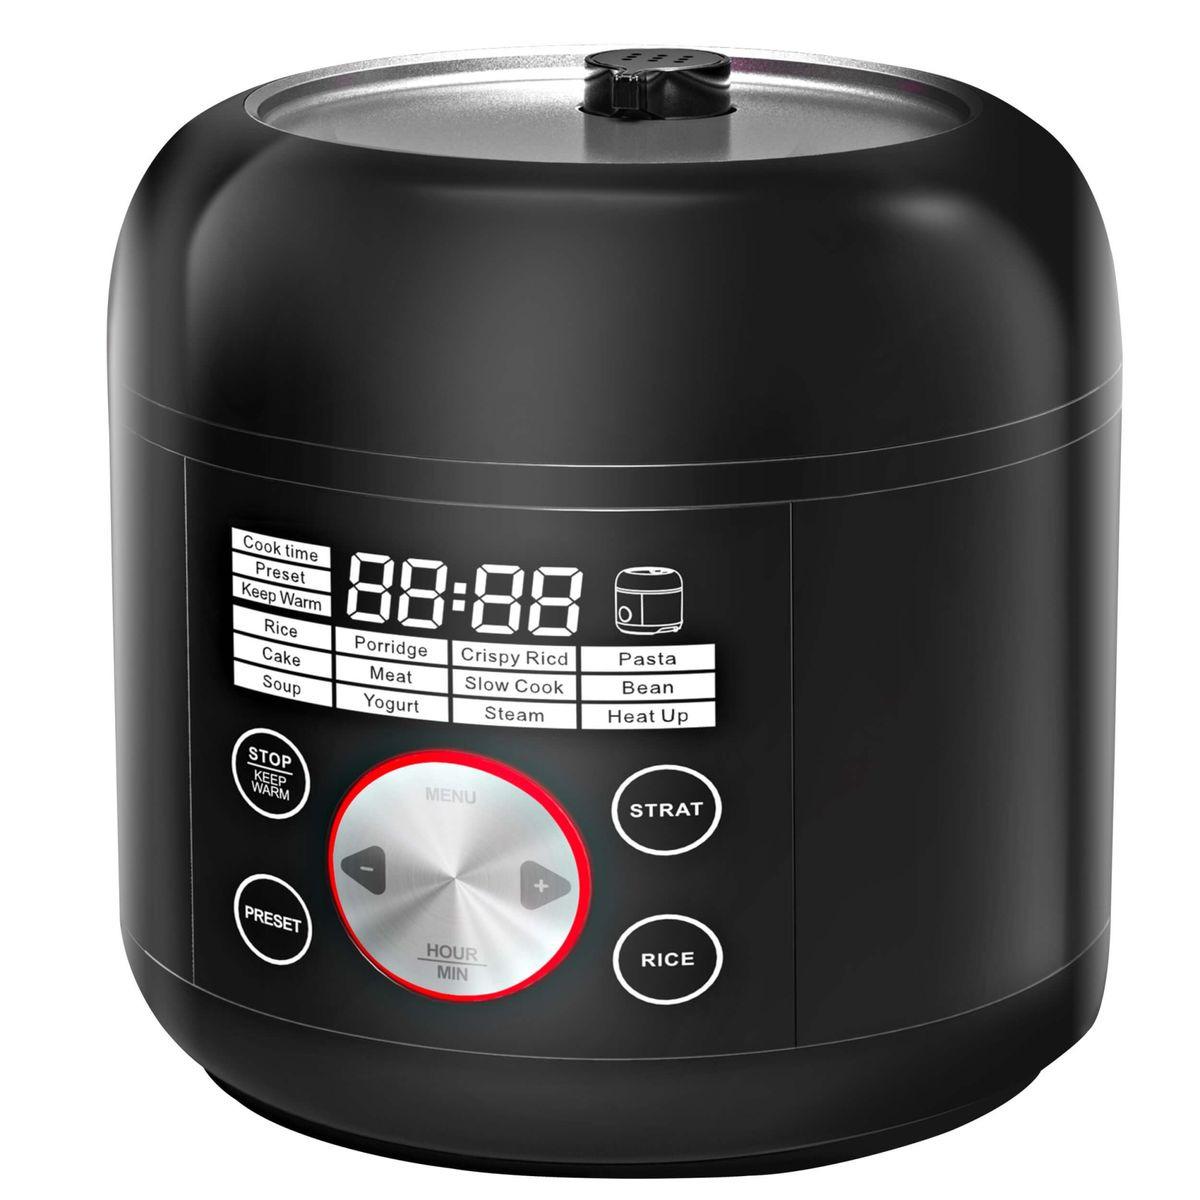 Мультиварка Gemlux GL-PC-27, серебристый, черный